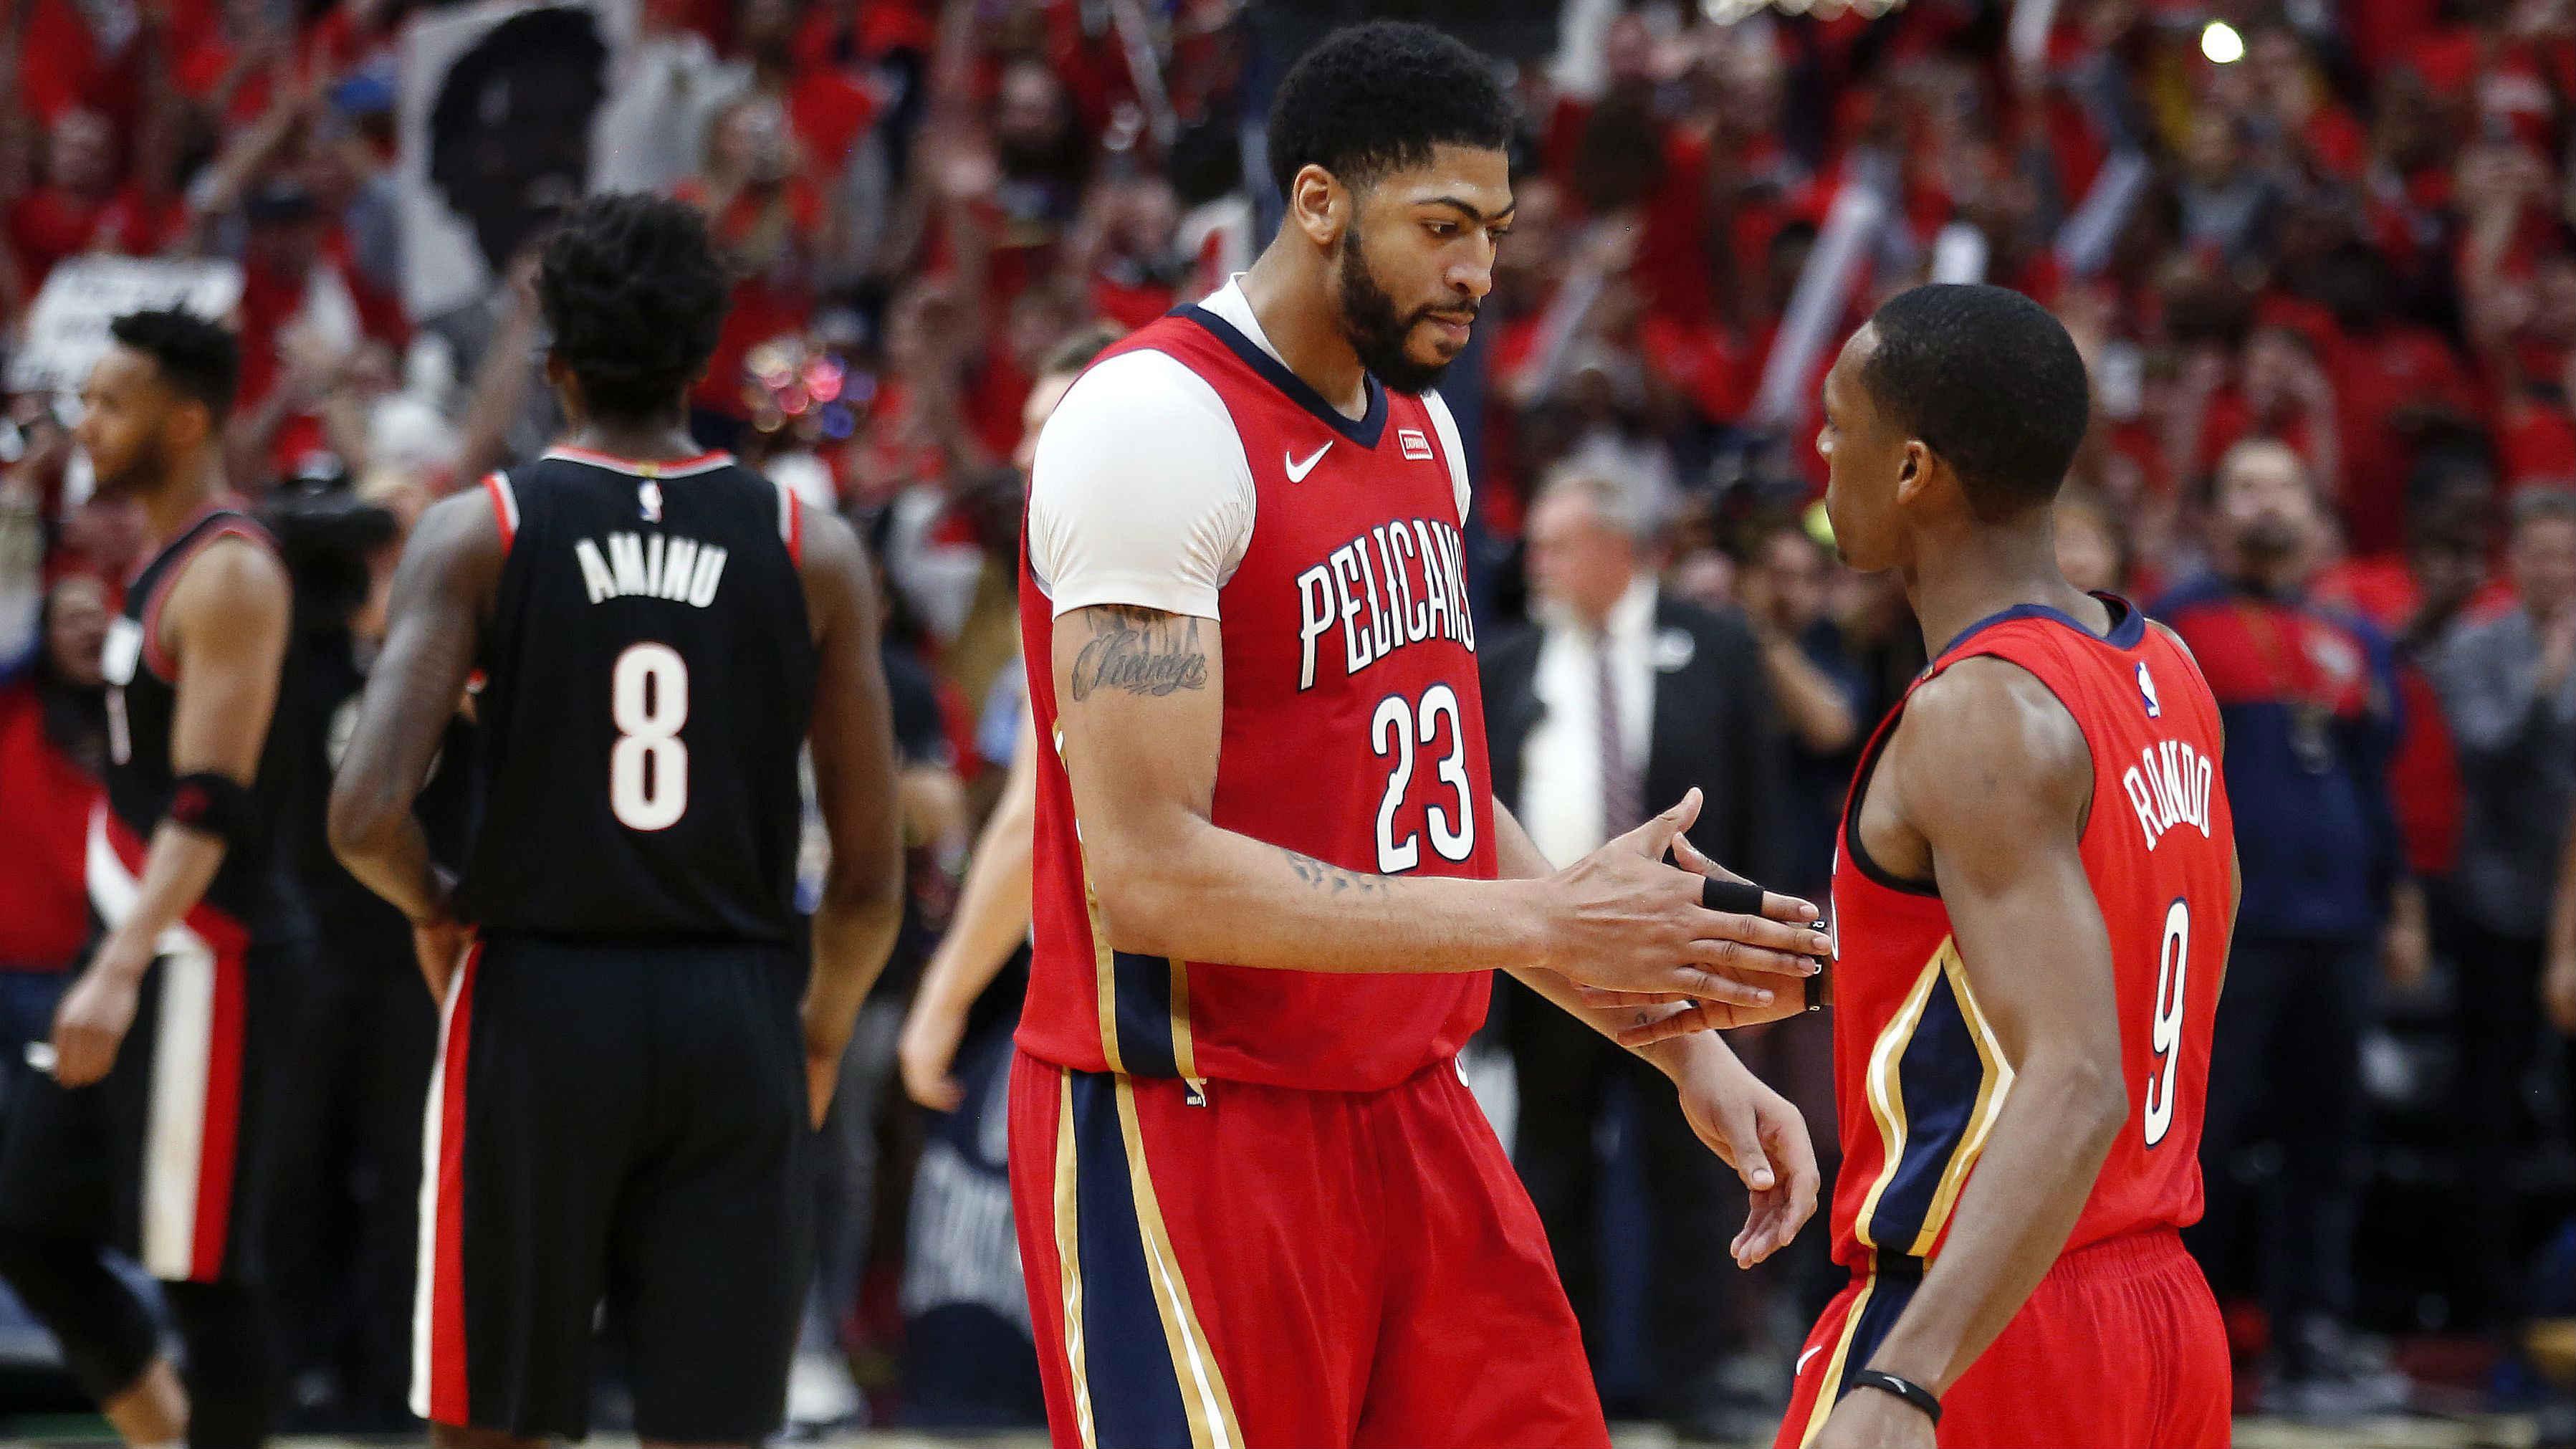 Resumo da Rodada 21/4 – Pelicans já está nas semi-finais